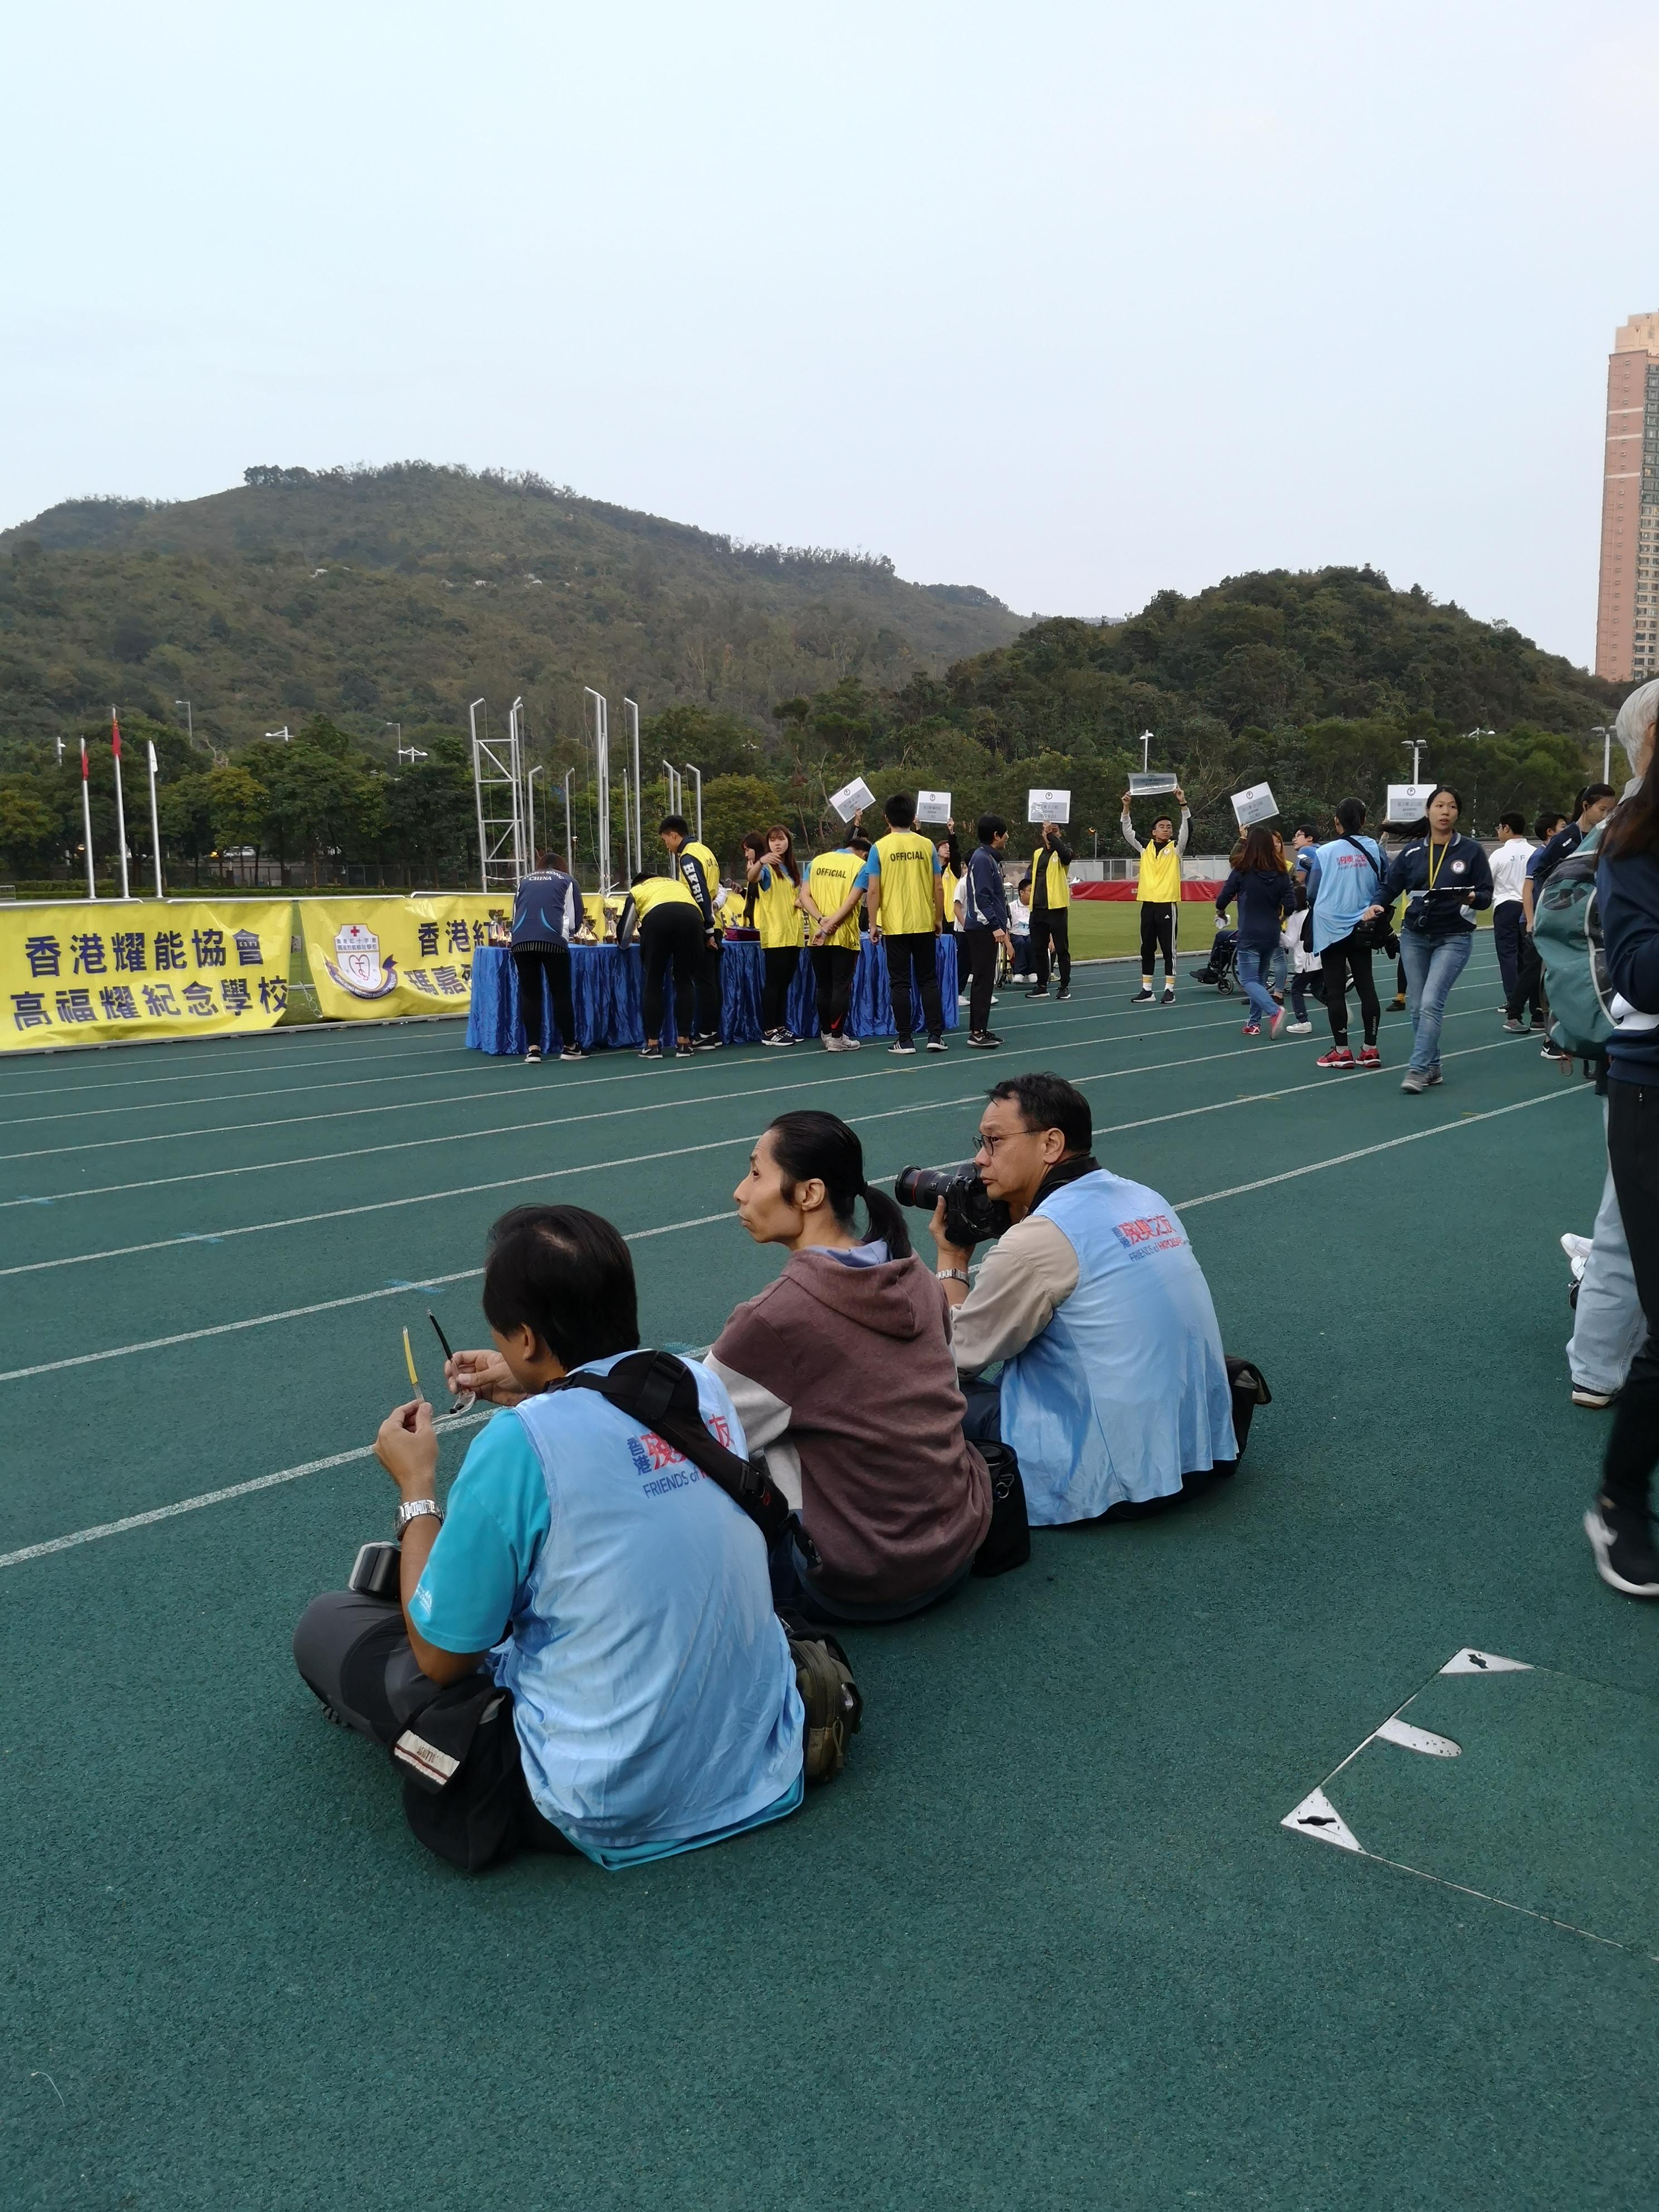 香港殘疾人士田徑錦標賽2018